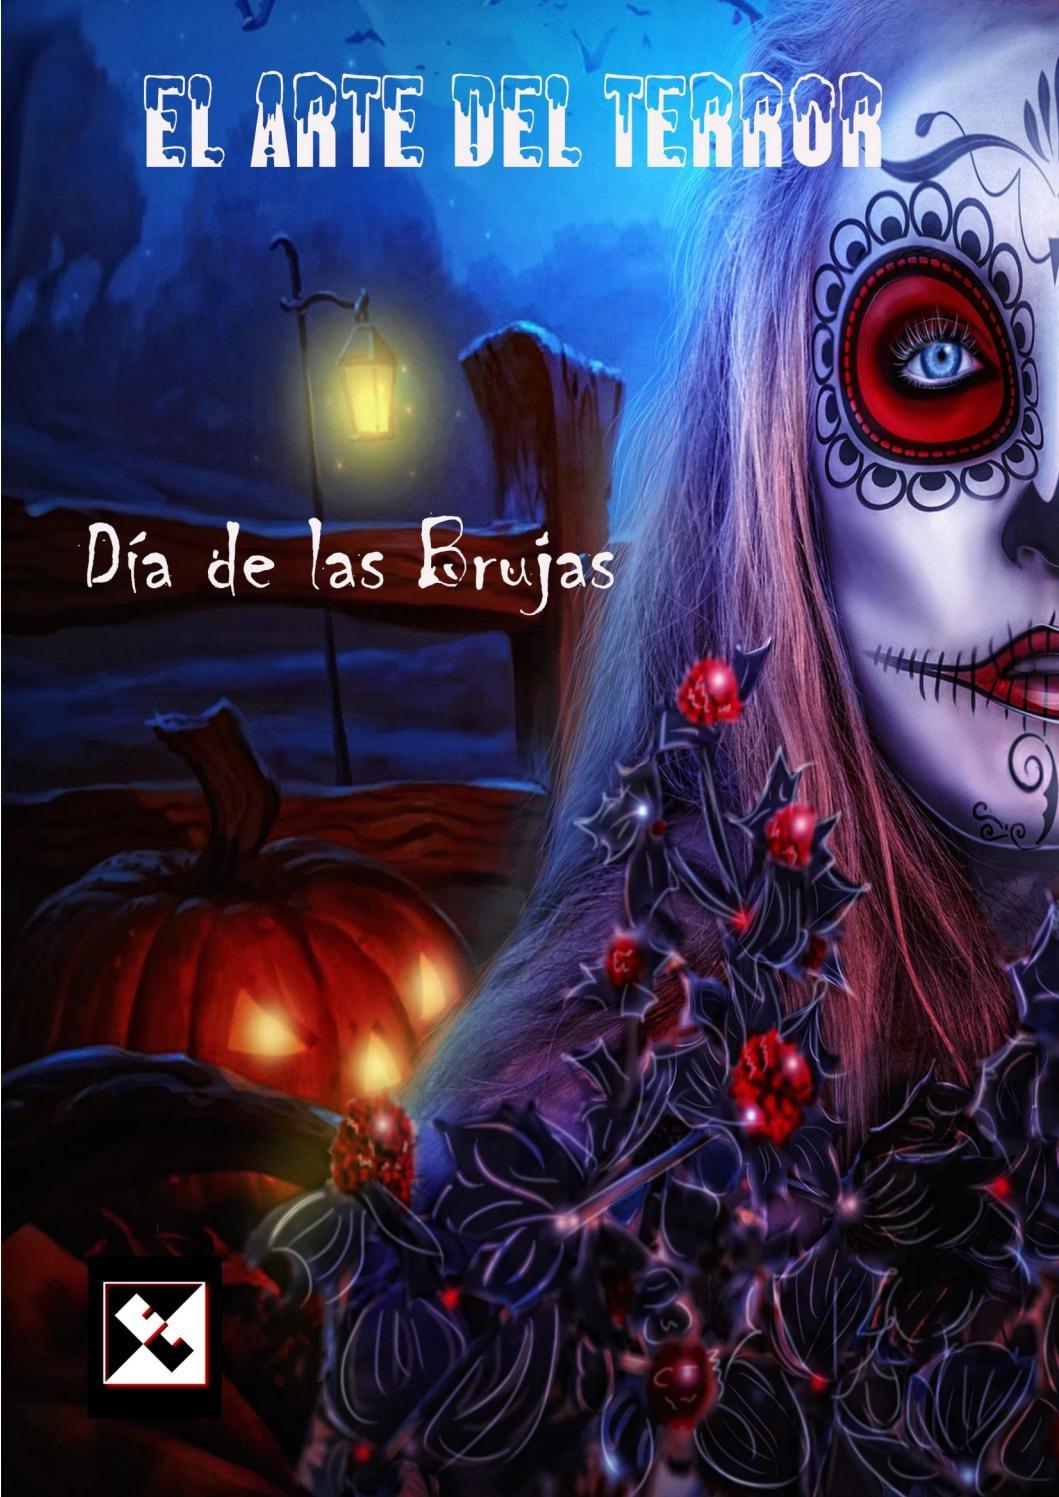 El Arte del Terror - Edición Día de las Brujas by